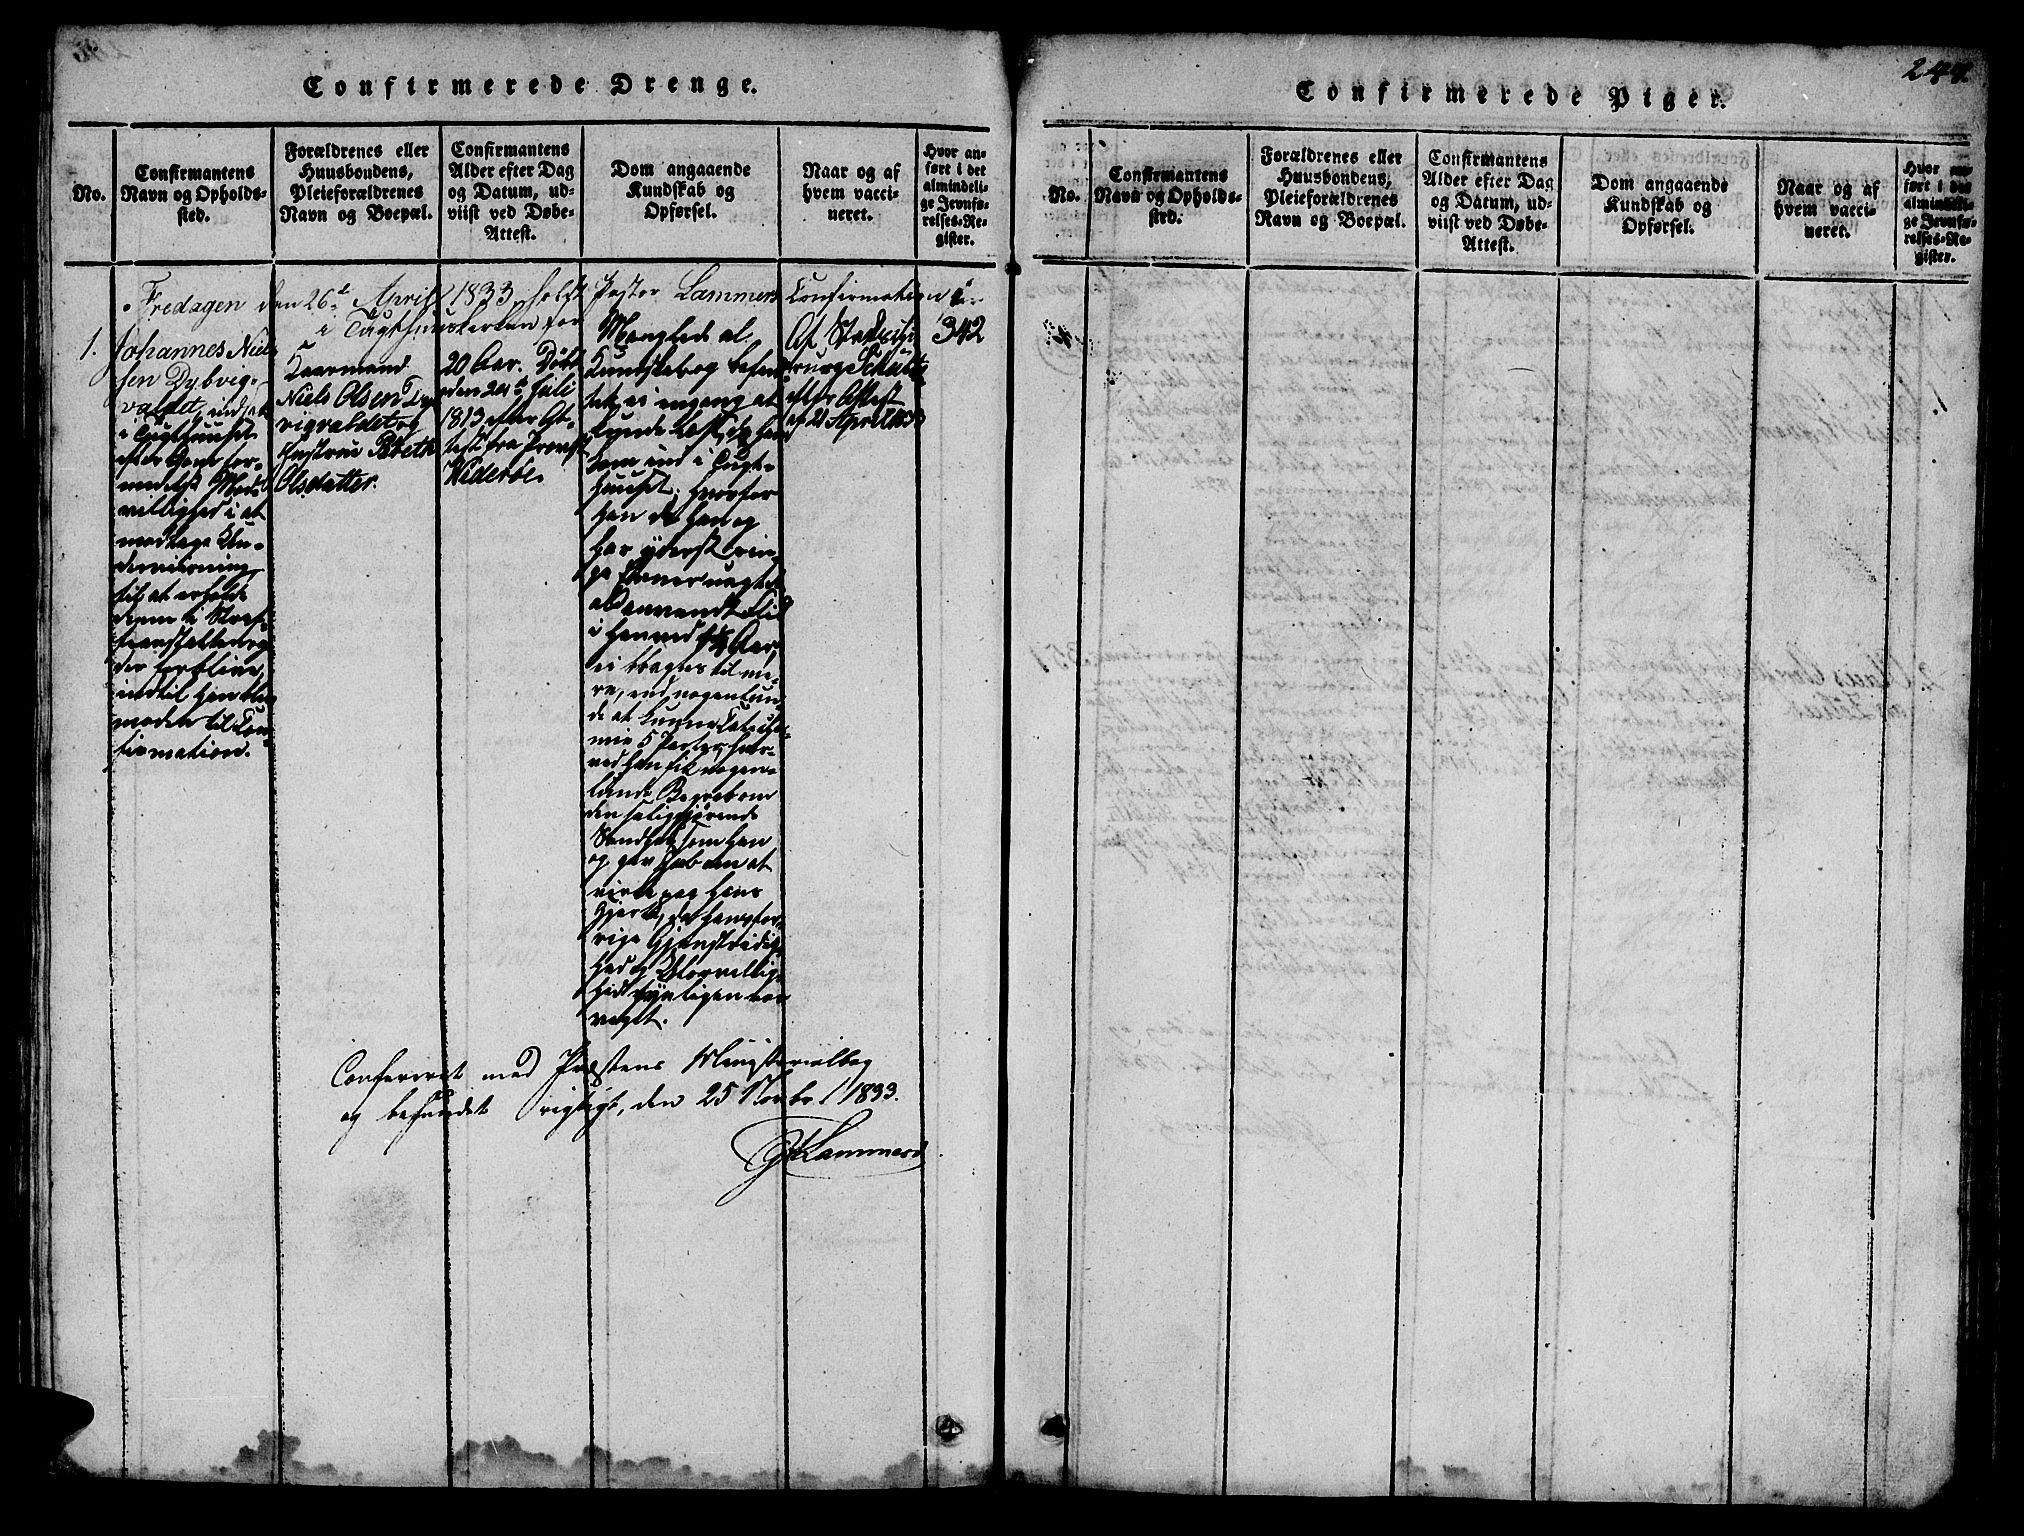 SAT, Ministerialprotokoller, klokkerbøker og fødselsregistre - Sør-Trøndelag, 623/L0478: Klokkerbok nr. 623C01, 1815-1873, s. 247